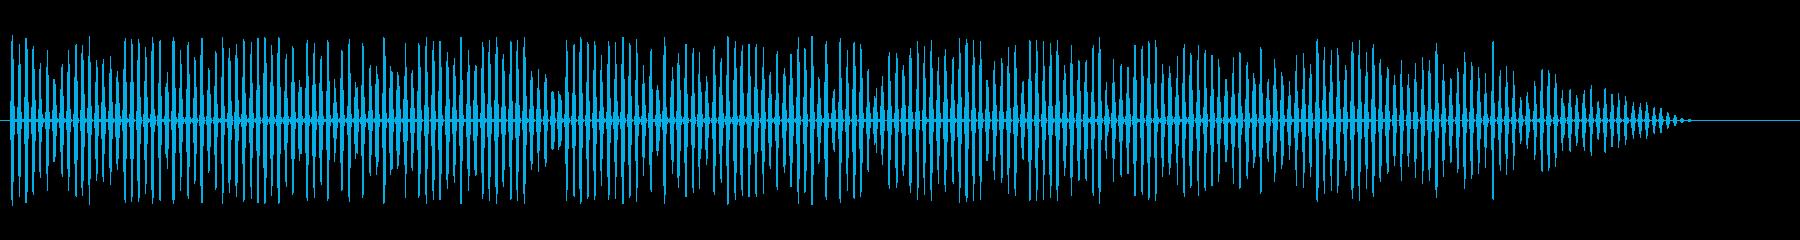 LFEによるベッドヘリコプターのばたつきの再生済みの波形